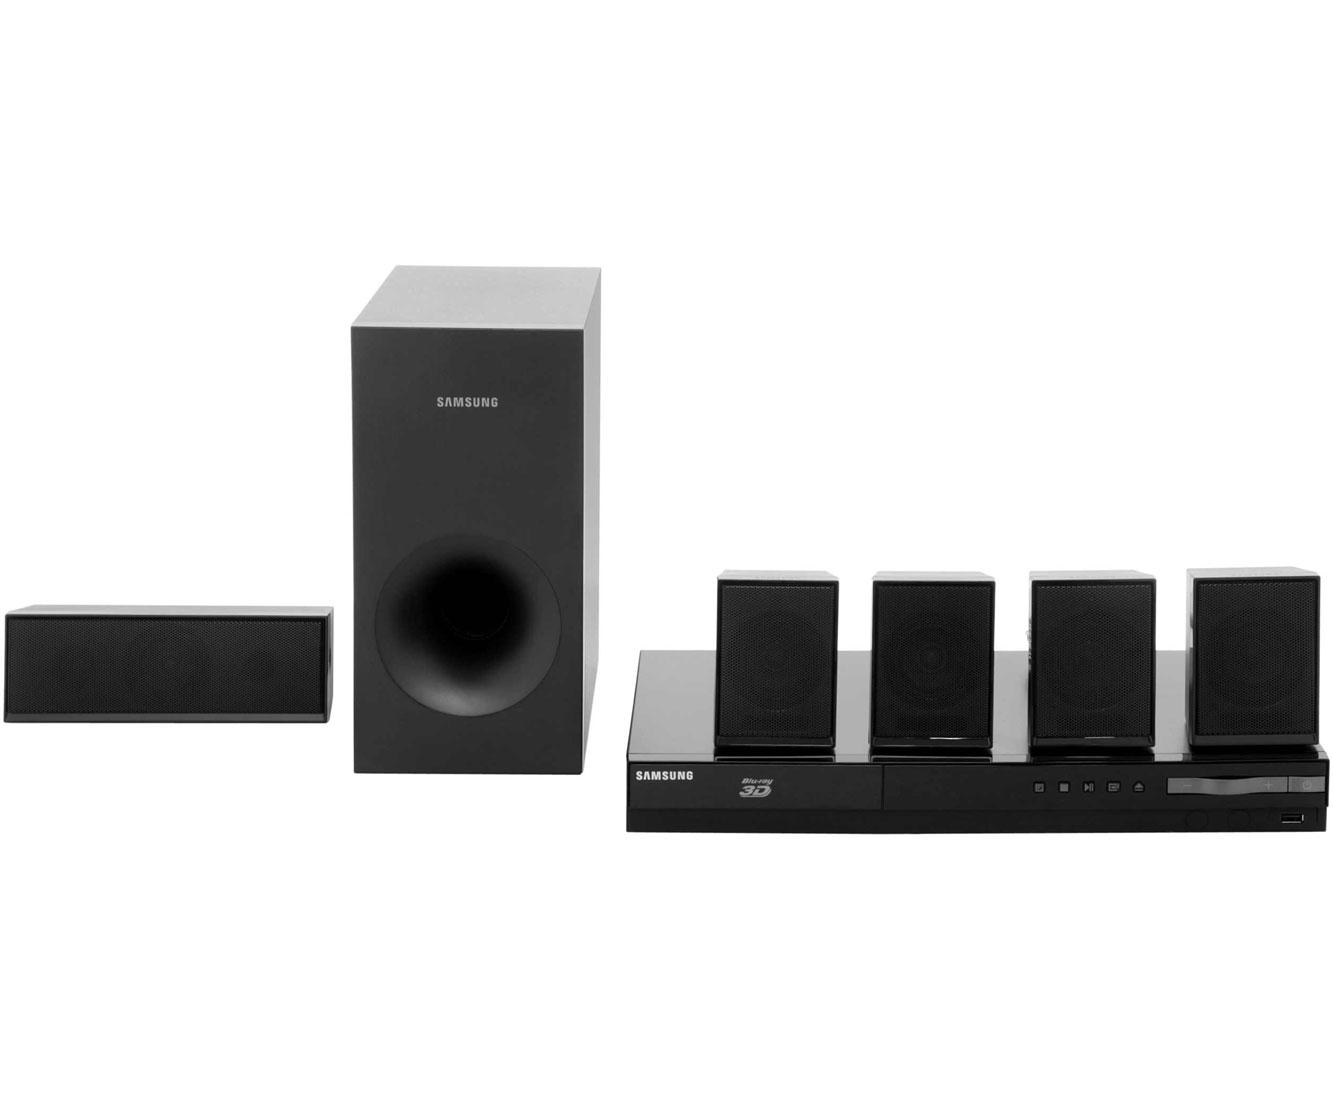 samsung ht h4500r 5 1 surround smart 3d home cinema system black. Black Bedroom Furniture Sets. Home Design Ideas